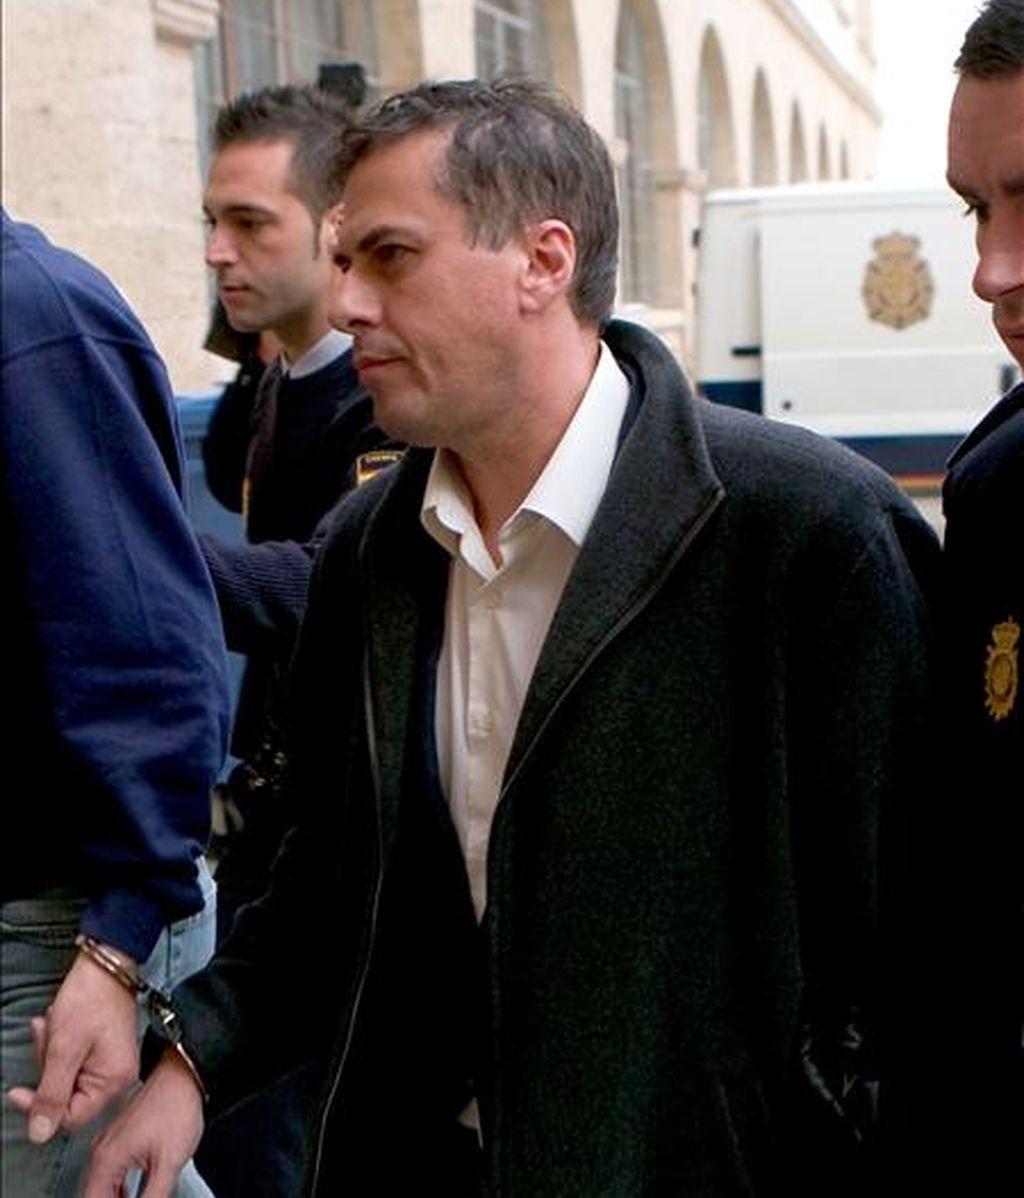 El ex secretario del Instituto Balear de Turismo (Ibatur), Miquel Ángel Bonet, es trasladado por agentes de la Policía Nacional ante el juez de Guardia de Palma para prestar declaración en 2009. EFE/Archivo